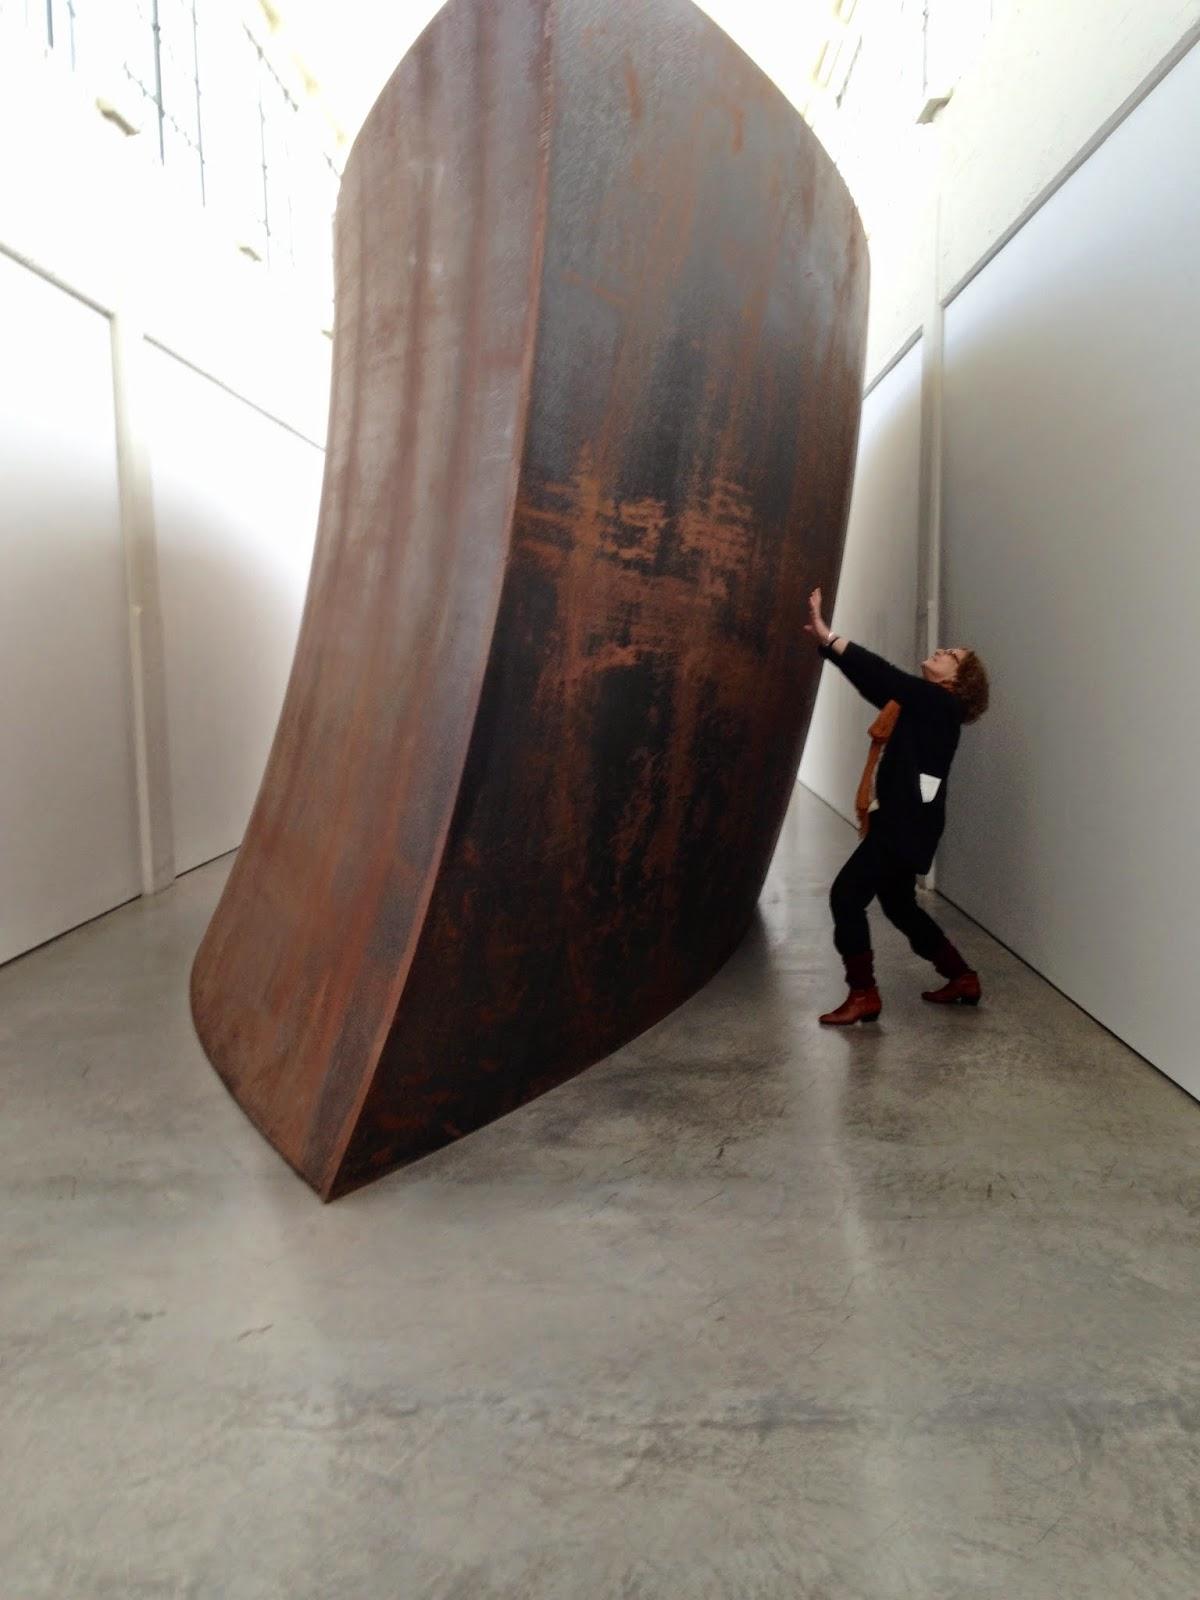 travels: Richard Serra, Dia:Beacon, Beacon, New York